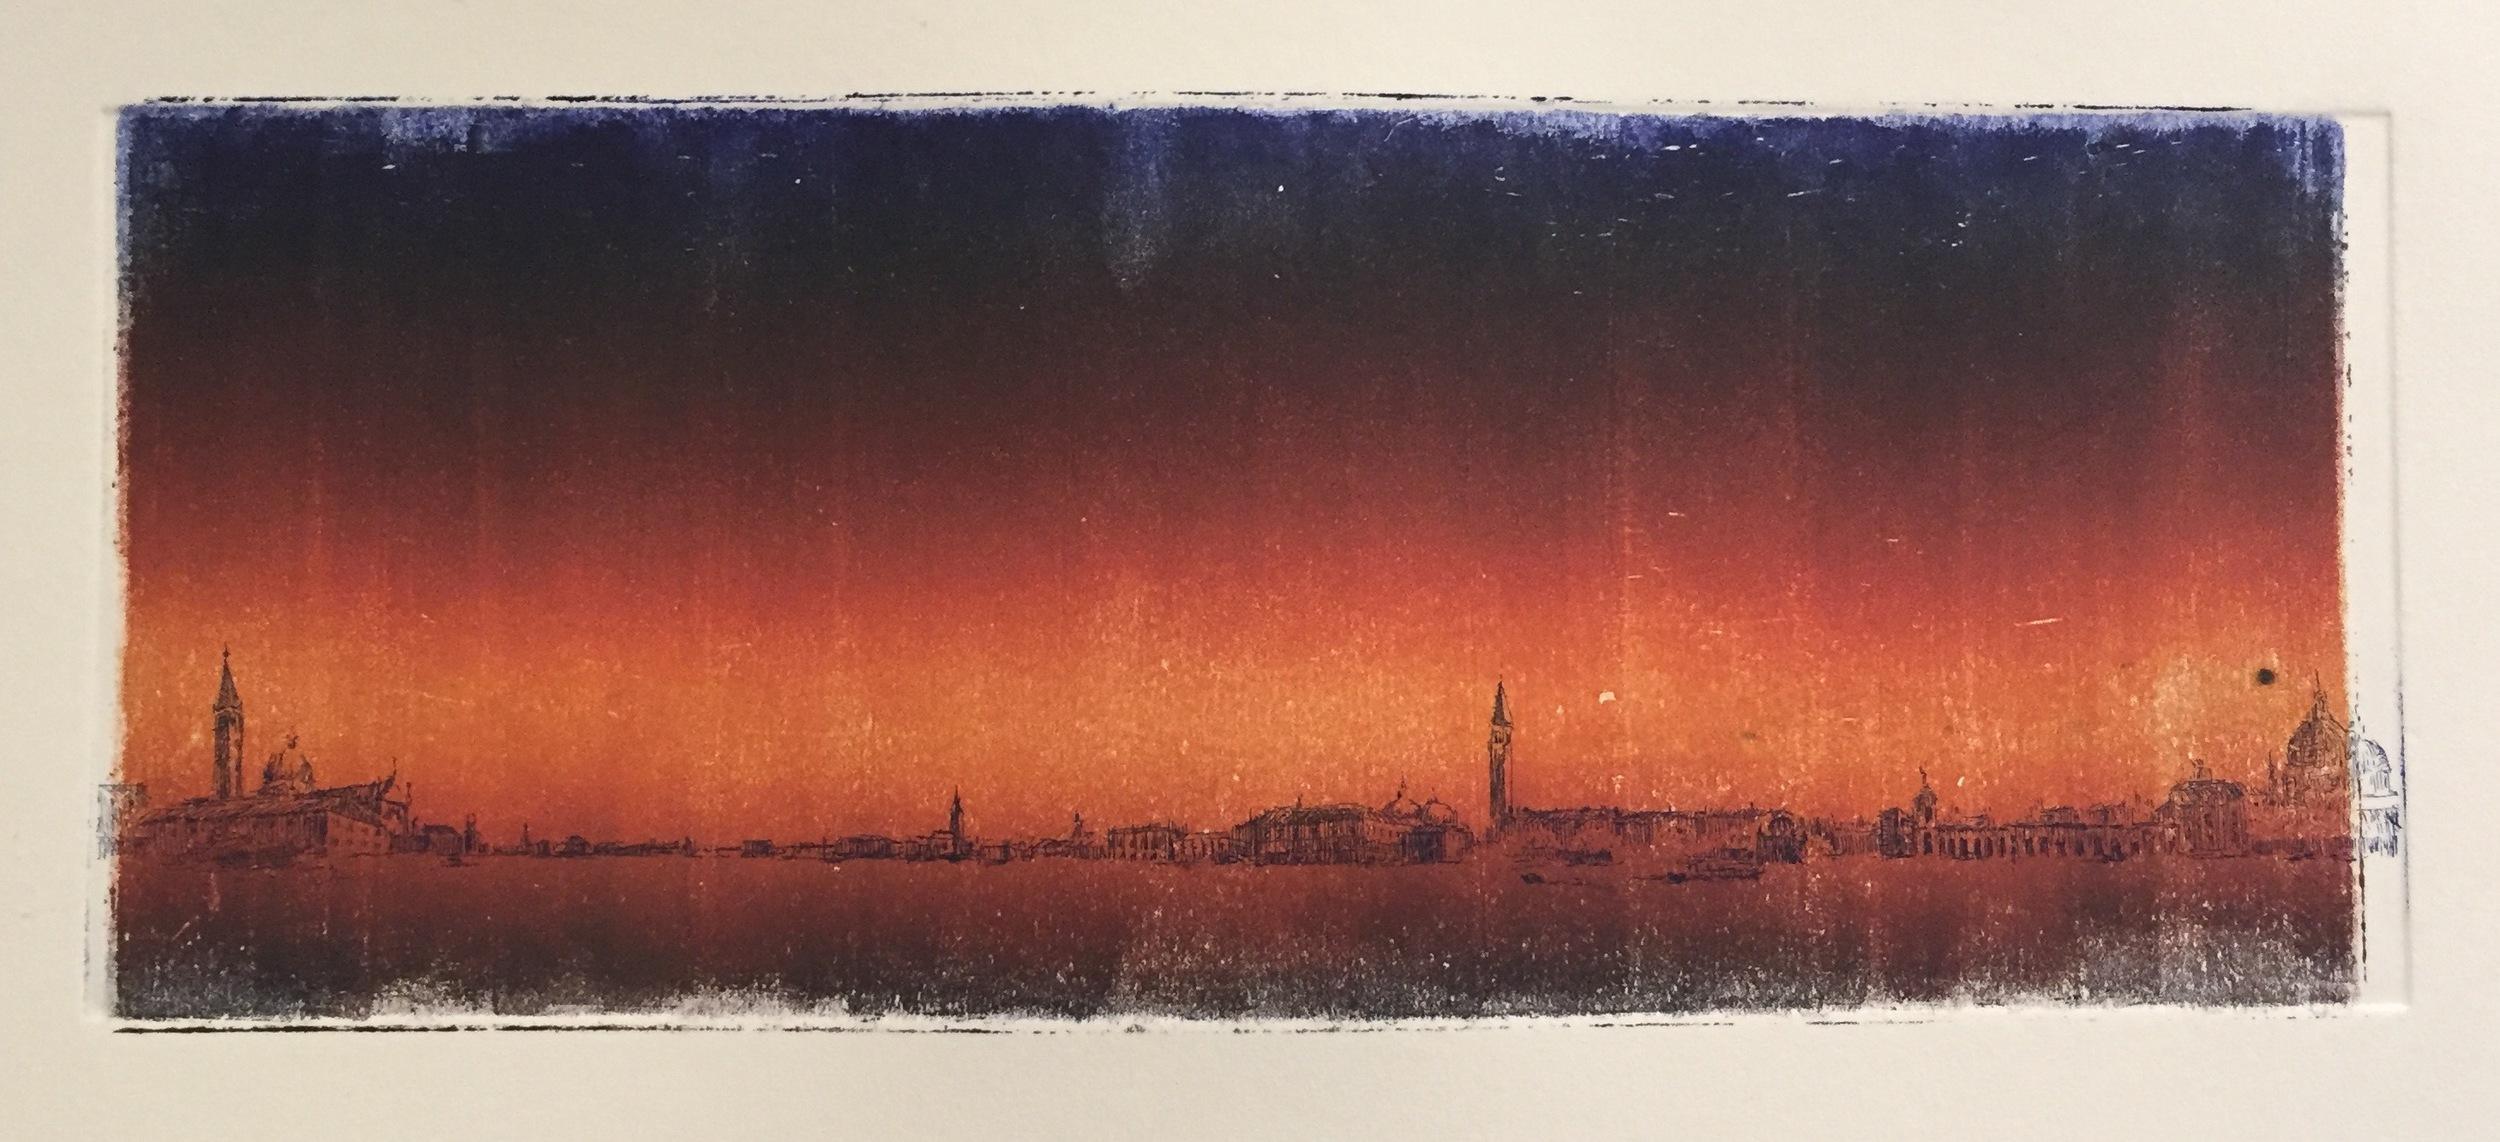 YIYI WANG Sunset etching, monoprint